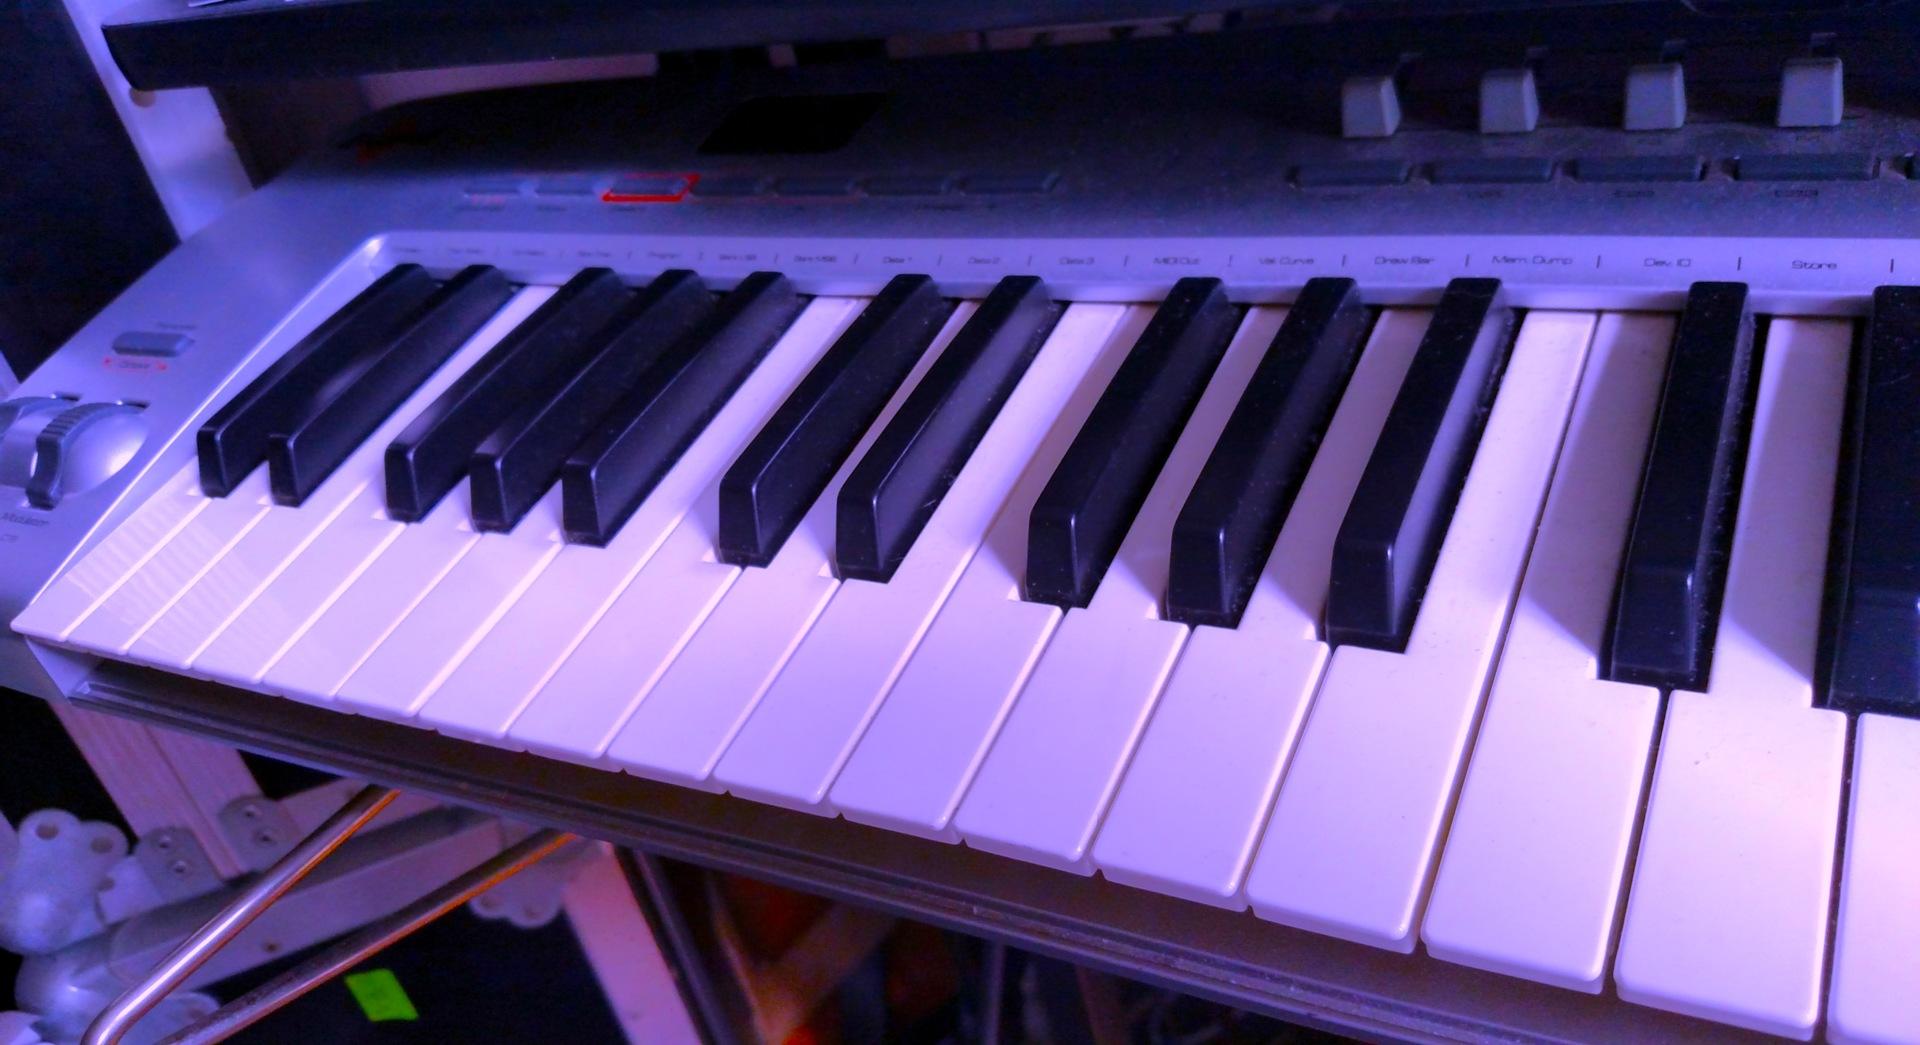 Composer / Sound Design